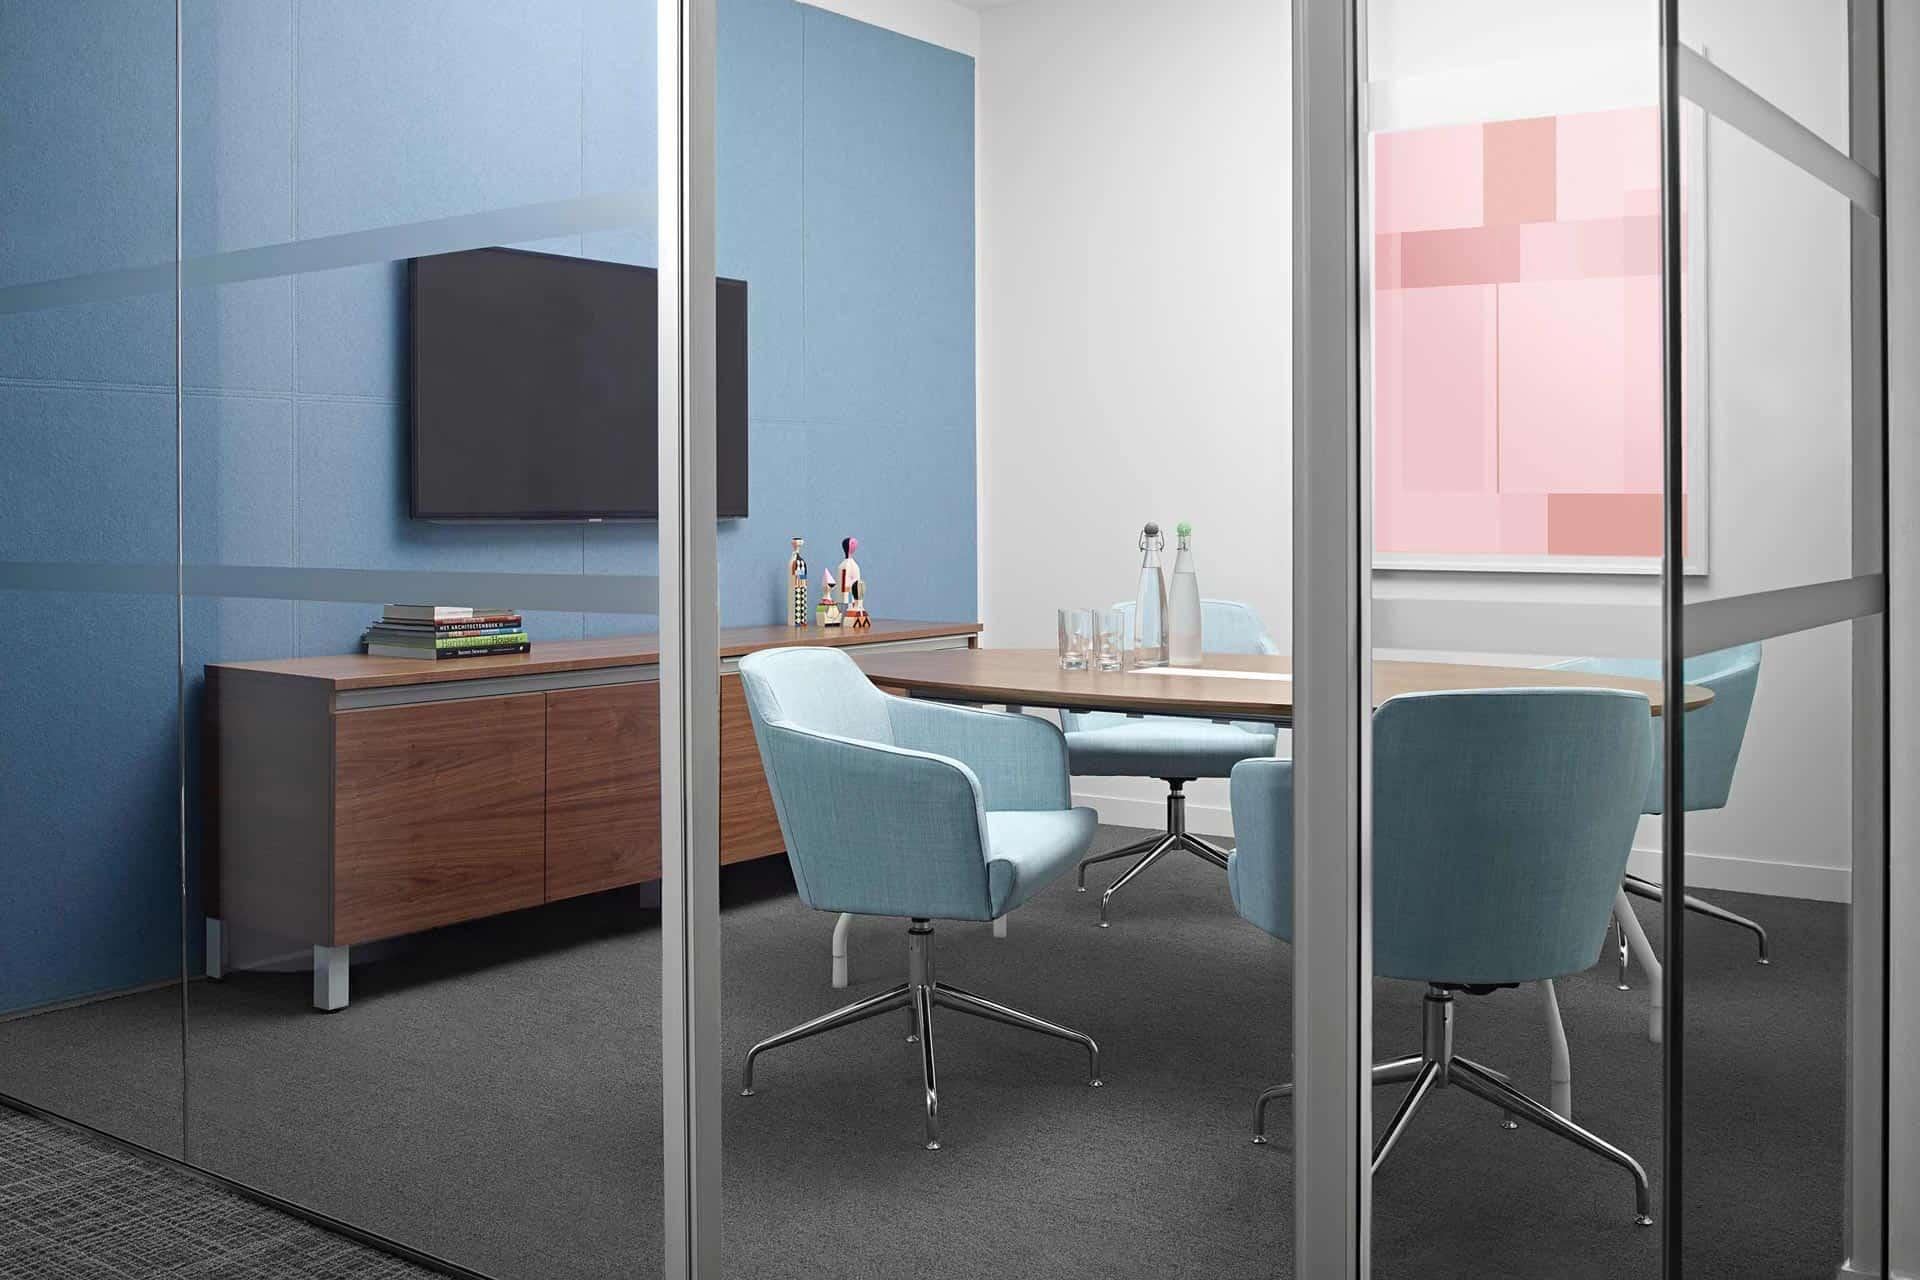 mobilier salle de réunion à Caen (Calvados -14) - Herman Miller